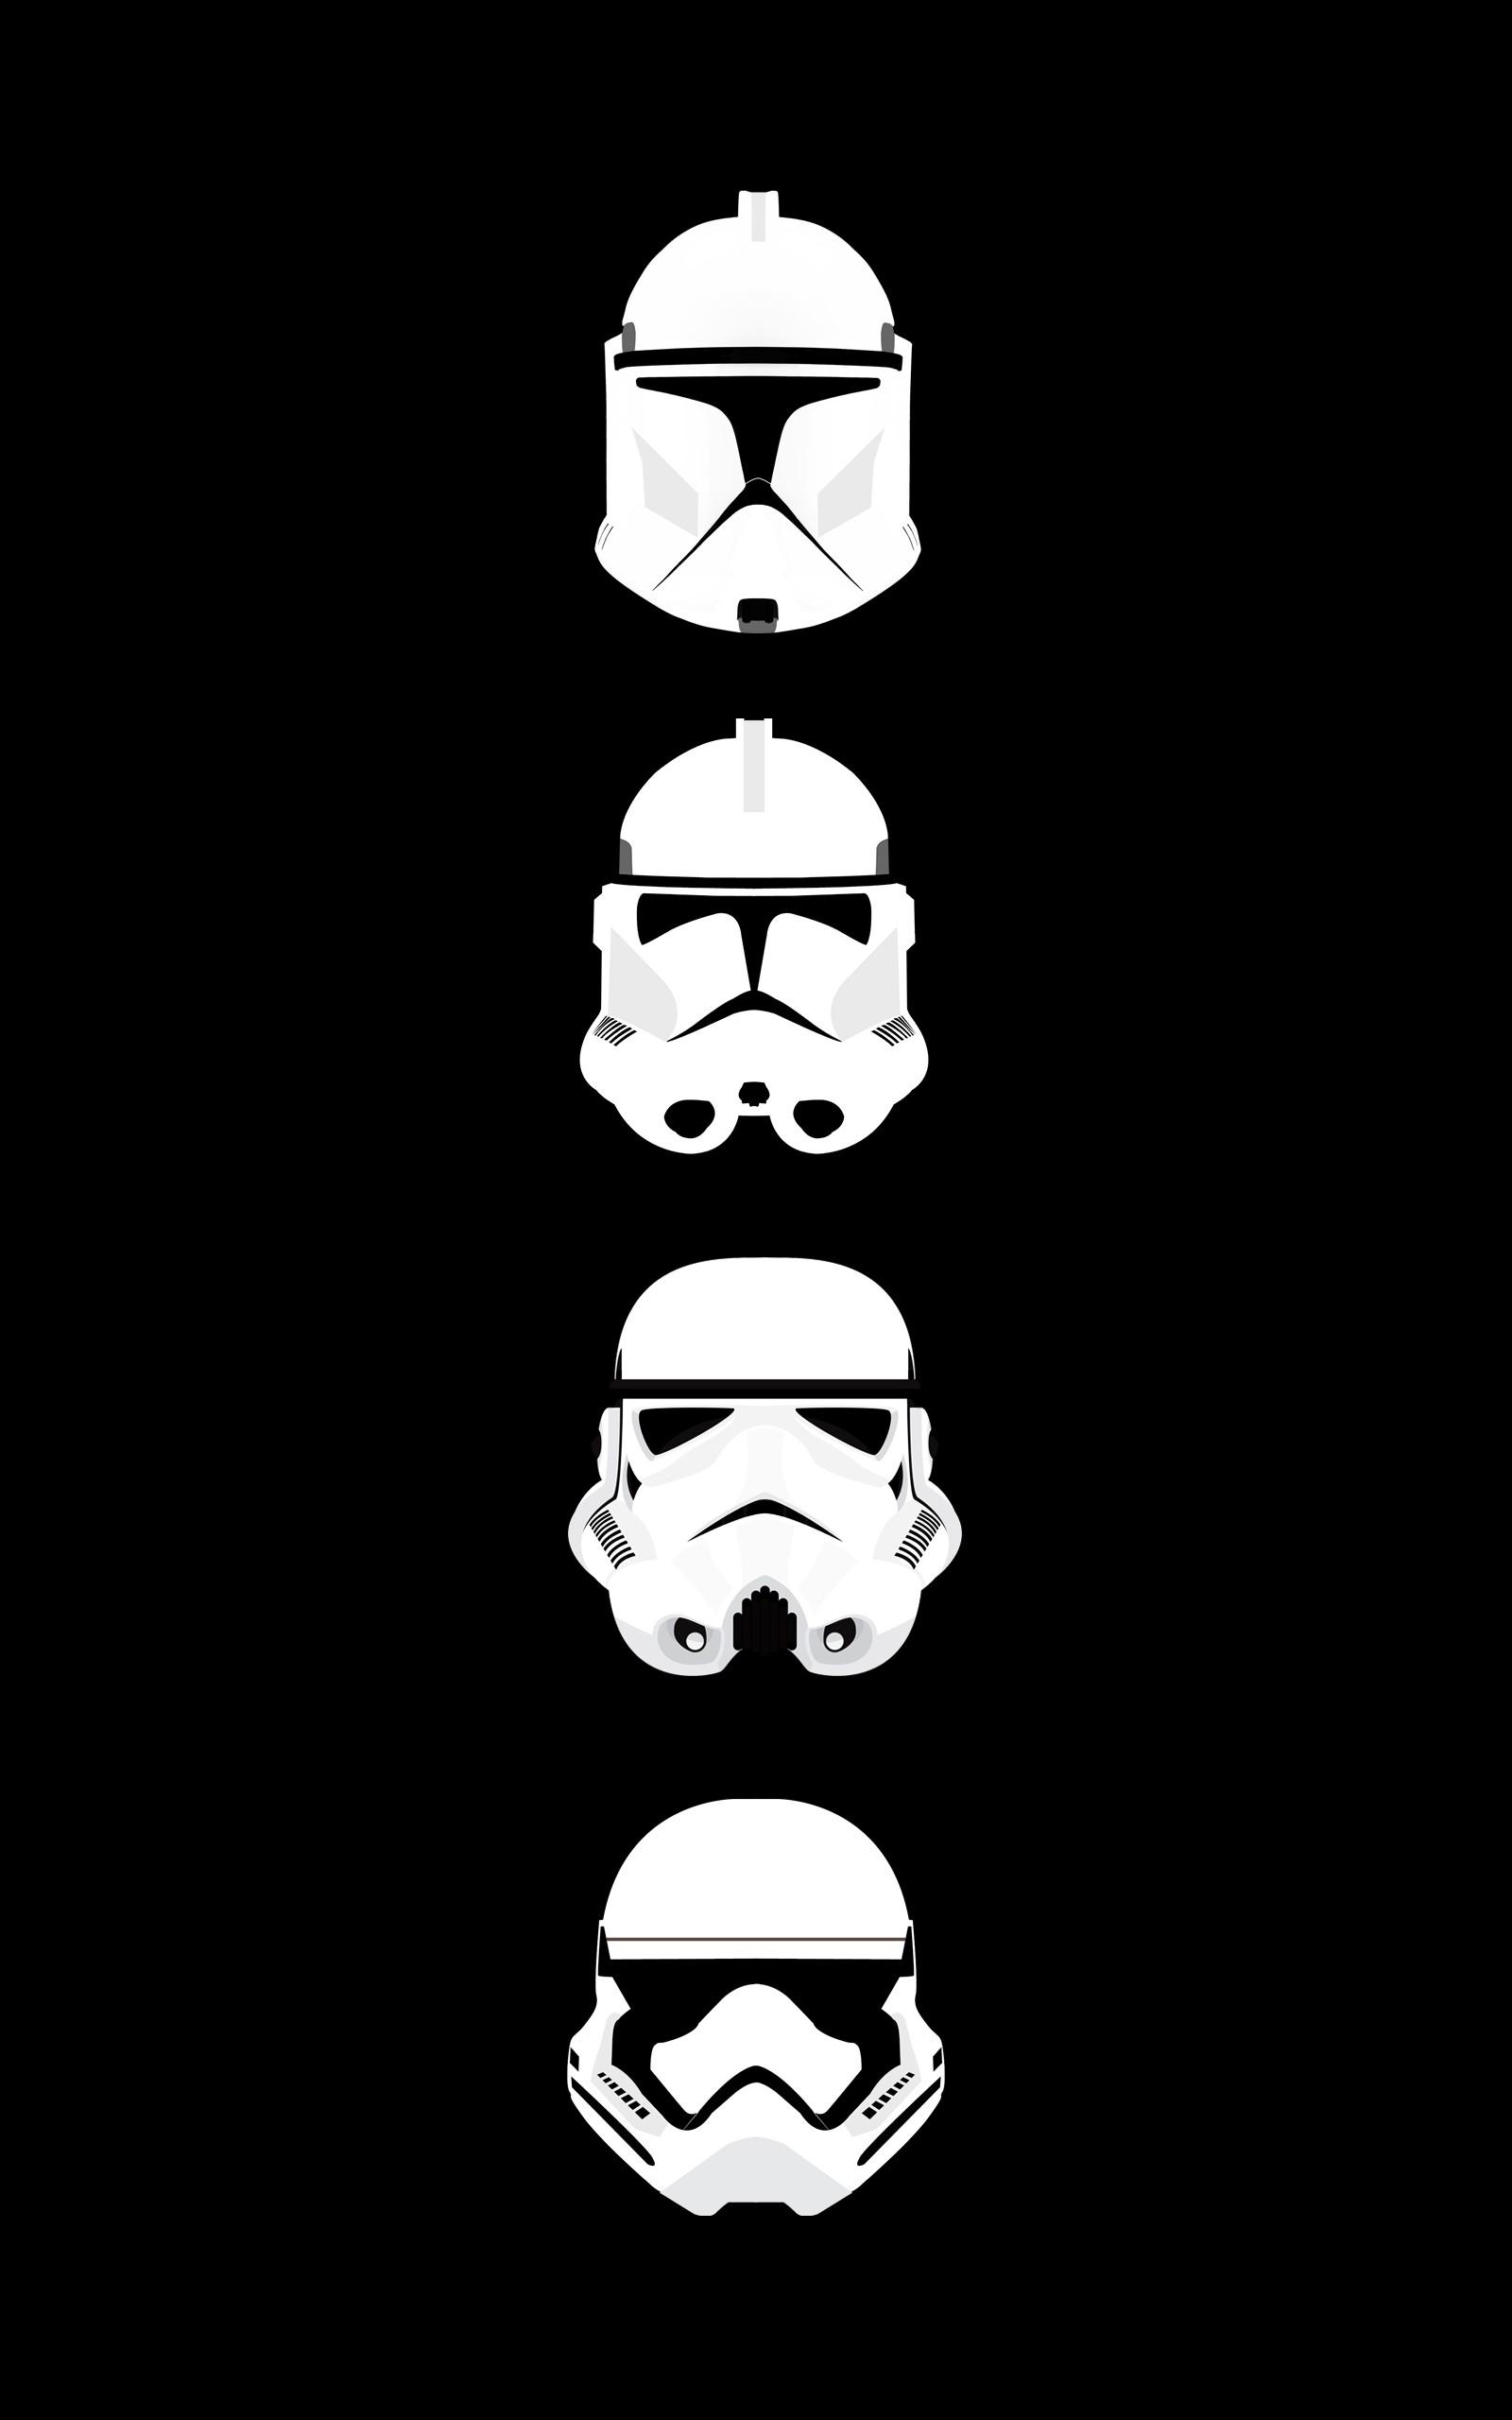 Wallpaper Illustration Star Wars Minimalism Portrait